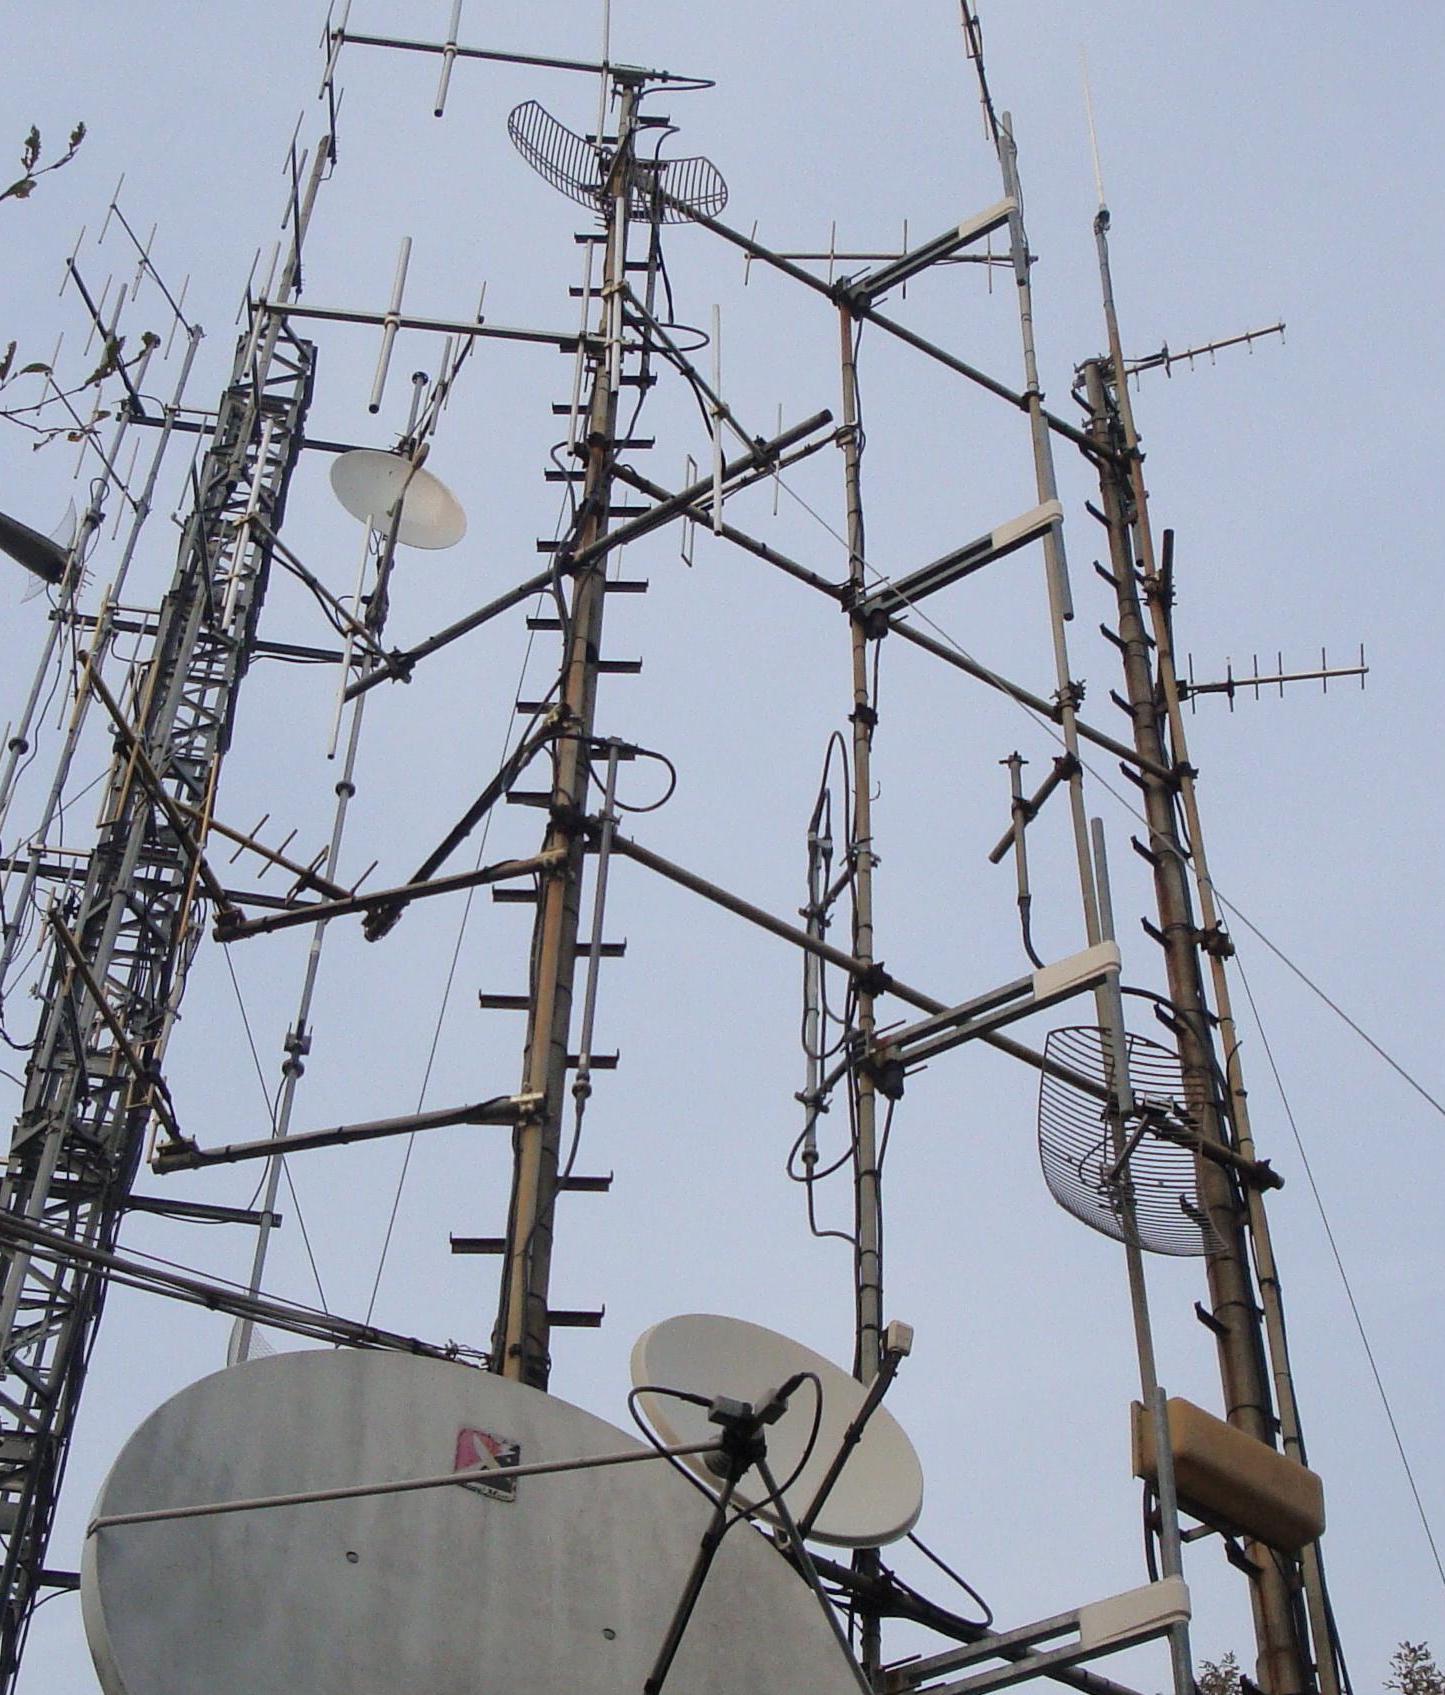 antenne20FM20Cornizzolo1 - Radio e Tv. Lazio, Cds decide su Monte Cavo (Rm): via le antenne. Ricorso respinto